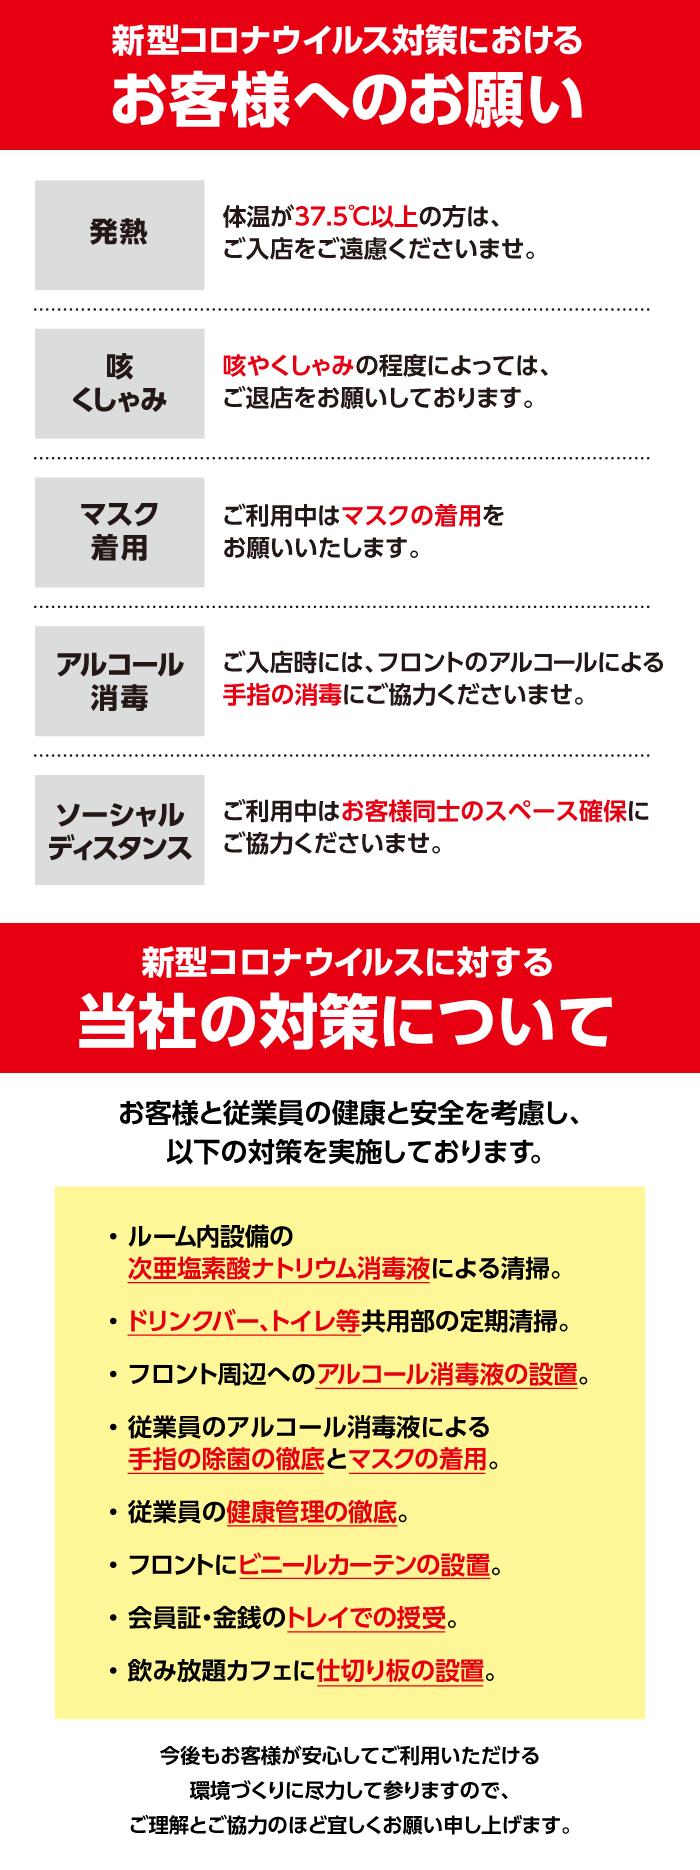 福井 ウイルス 爆砕 コロナ